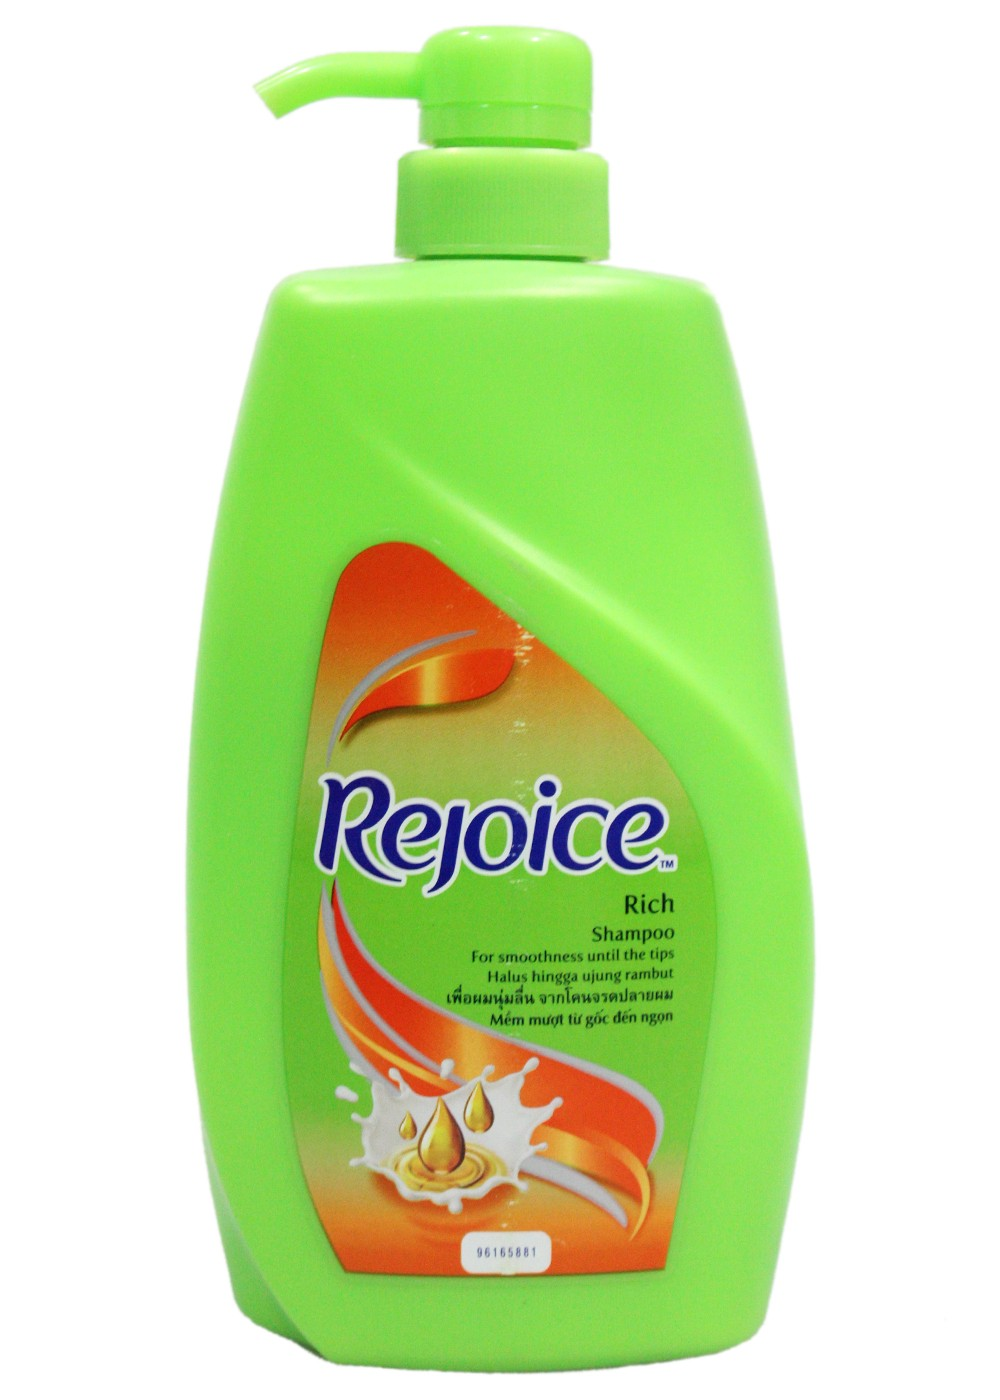 Rejoice shampoo